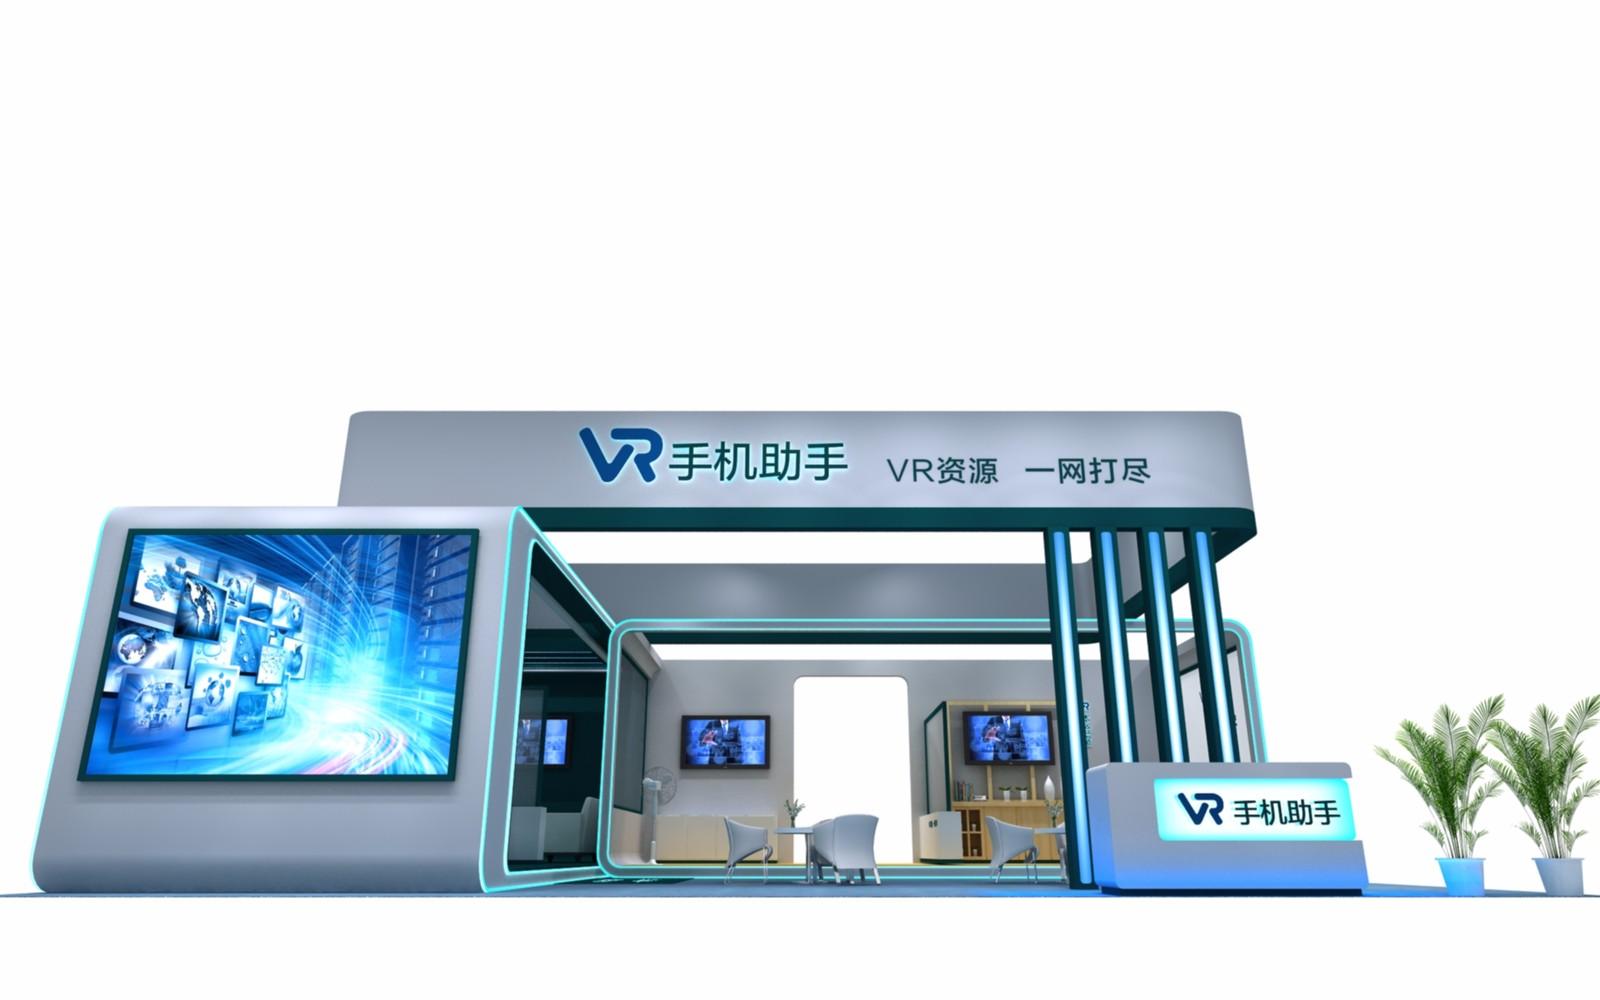 VR展-手機助手|展覽特裝-廈門市嘉維世紀會展服務有限公司